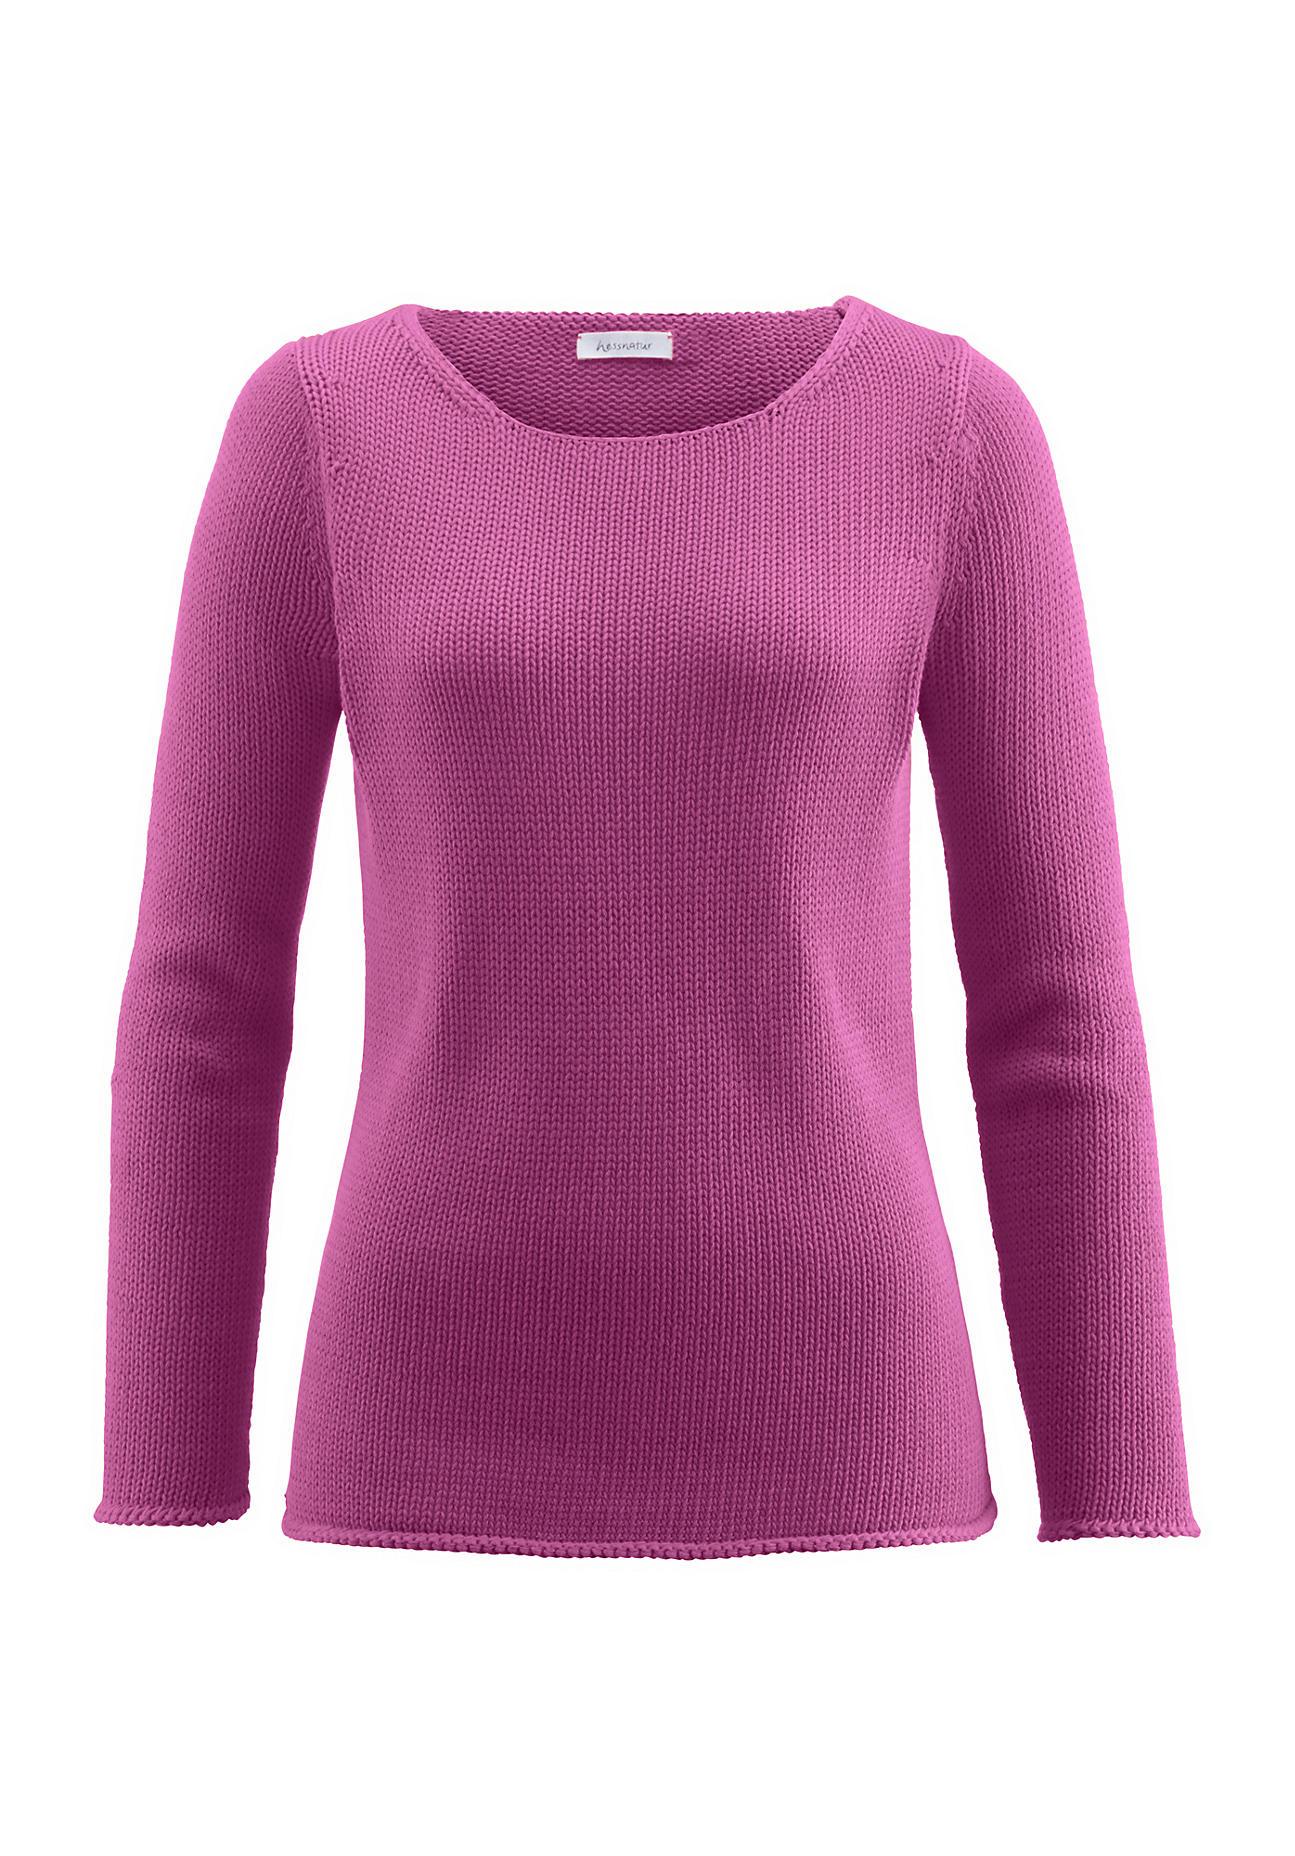 hessnatur Damen Pullover aus Bio Baumwolle – lila – Größe 38